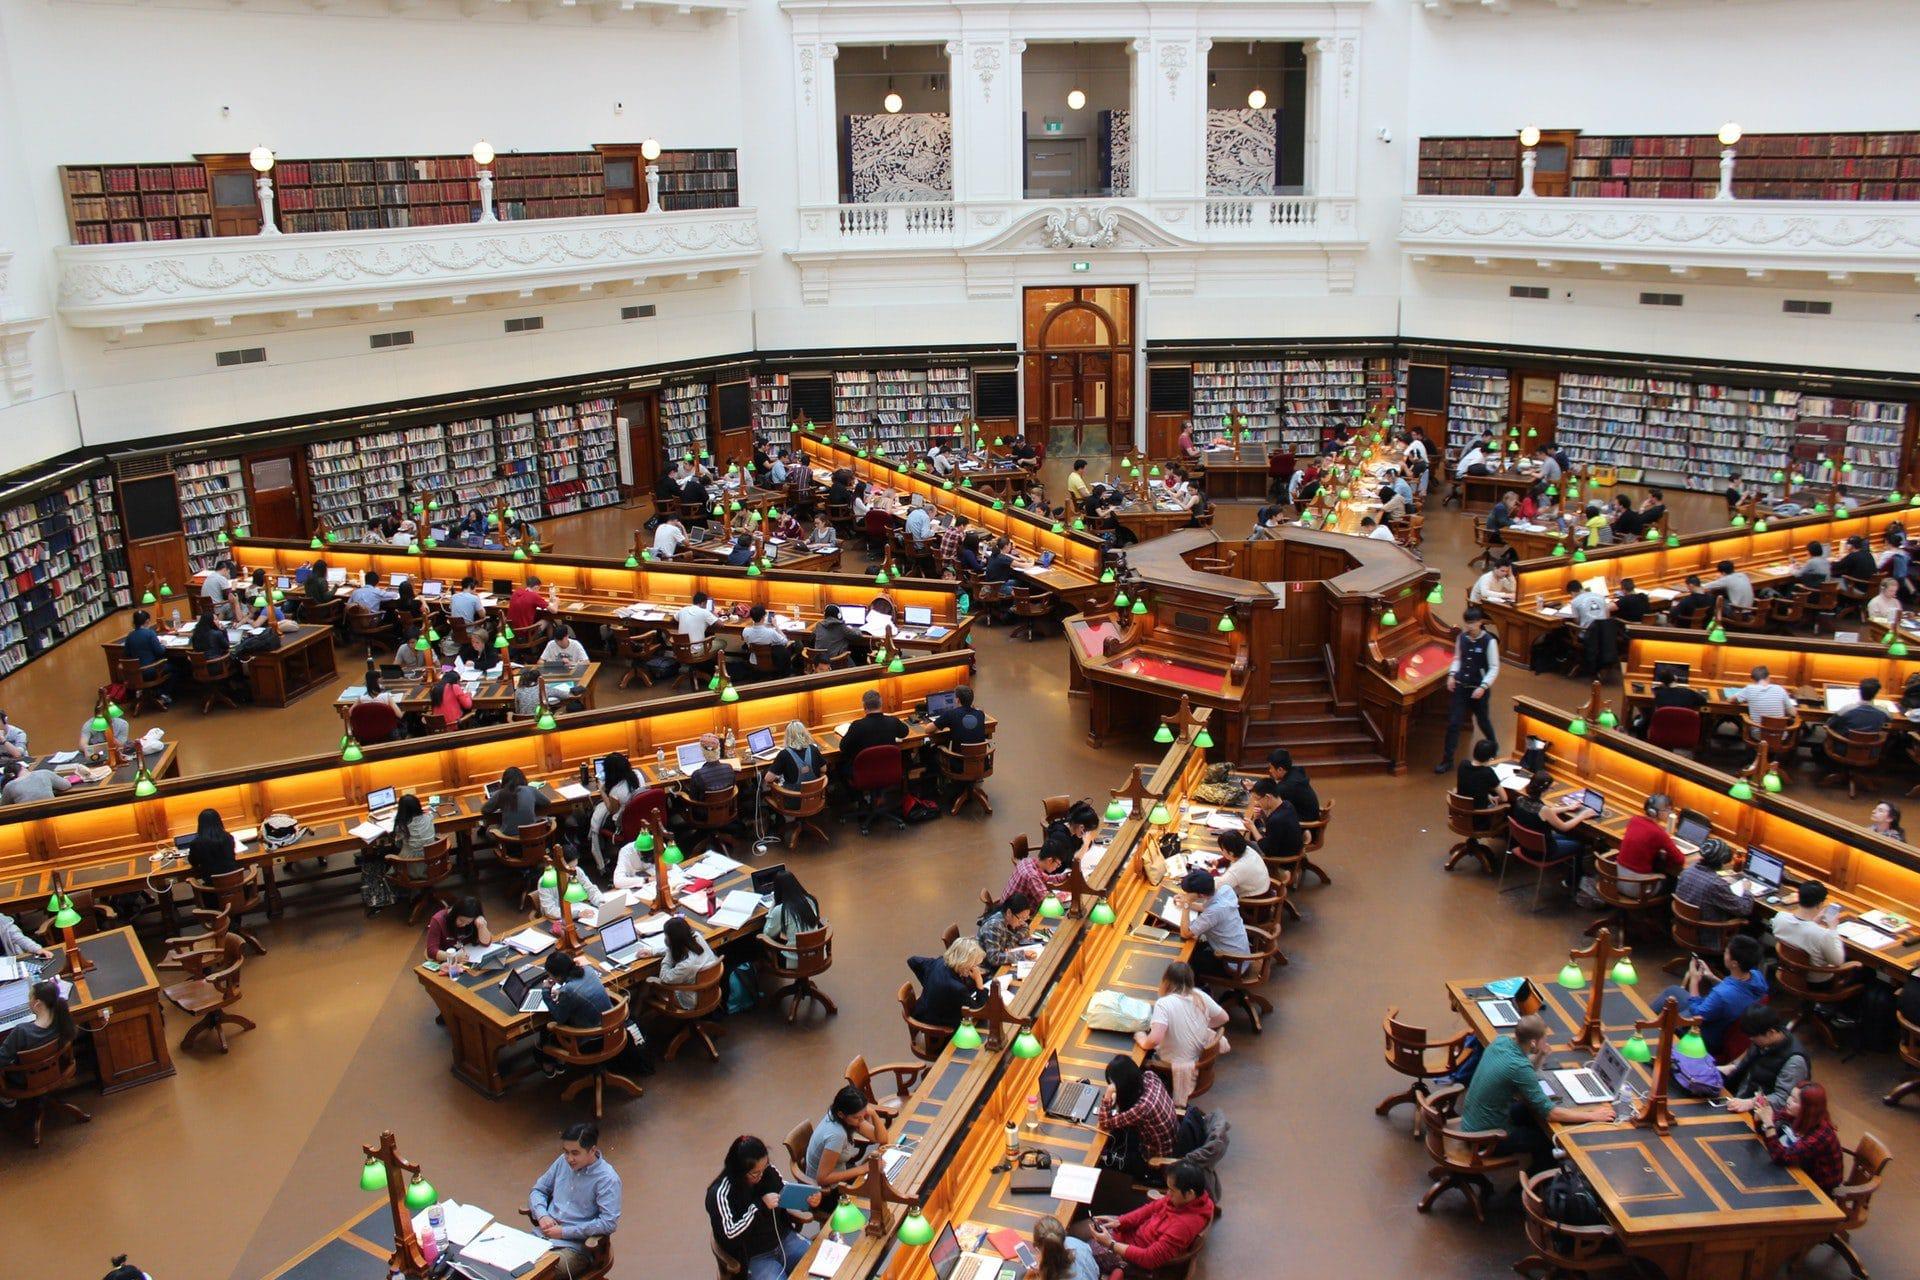 Student Academy Où étudier à Louvain-La-Neuve pendant le blocus ?